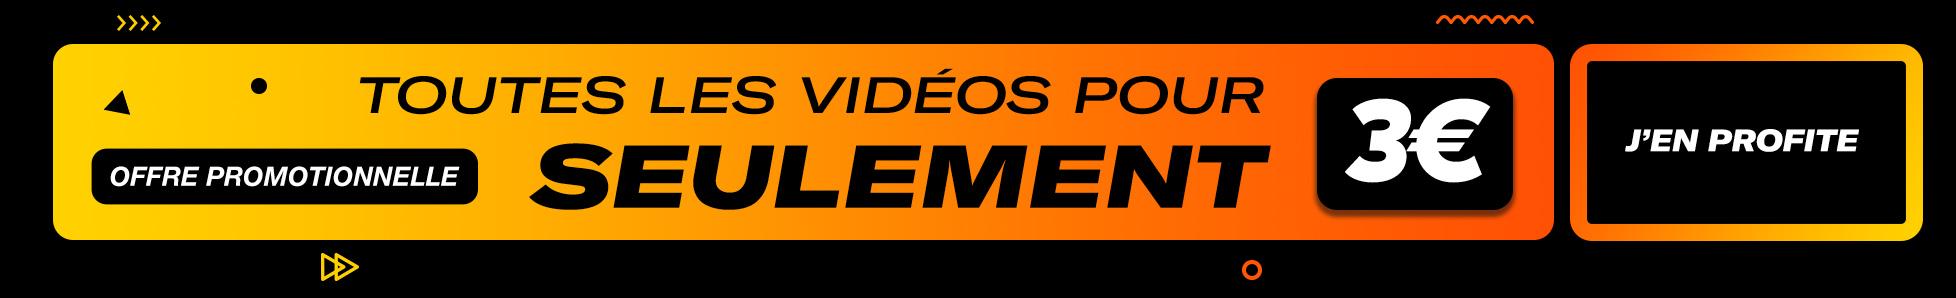 Toutes les vidéos porno en illimité pendant 24h pour seulement 3€